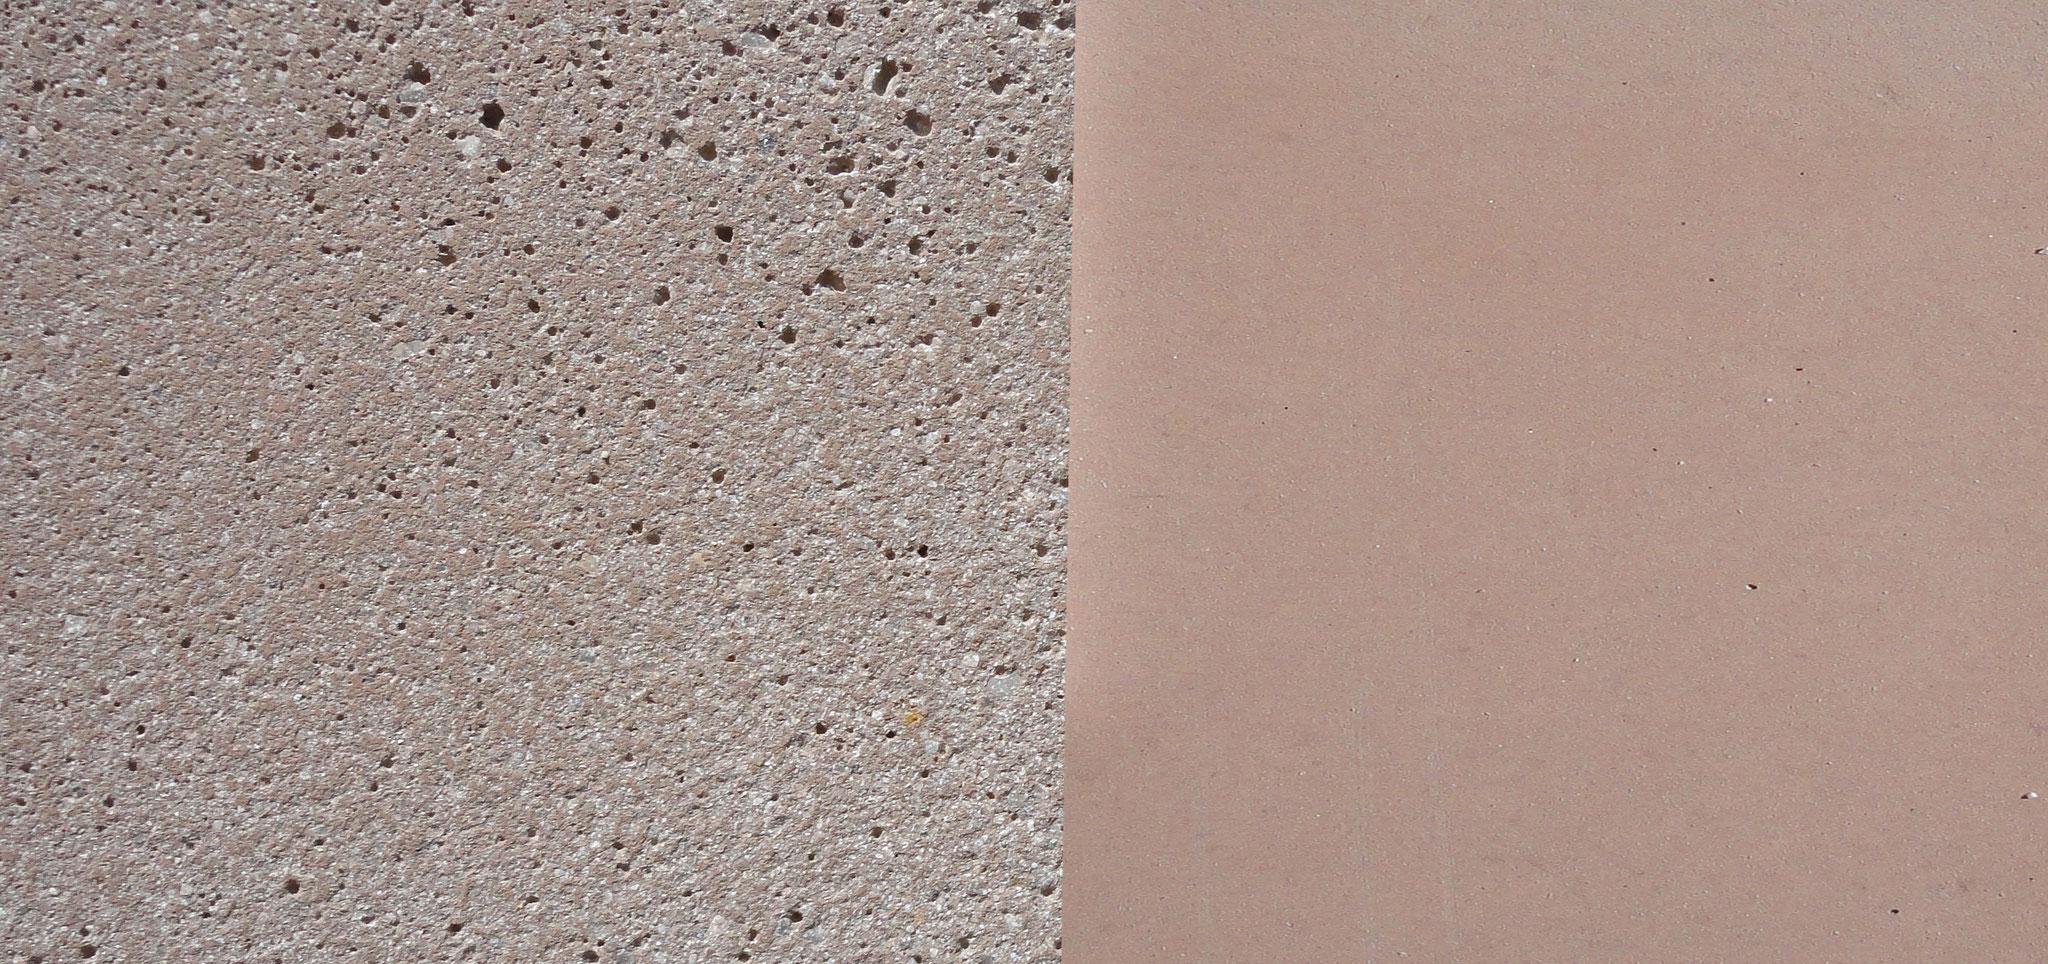 Farbe: Sarvanna, Farbnummer: 3, sandgestrahlt/schalrein